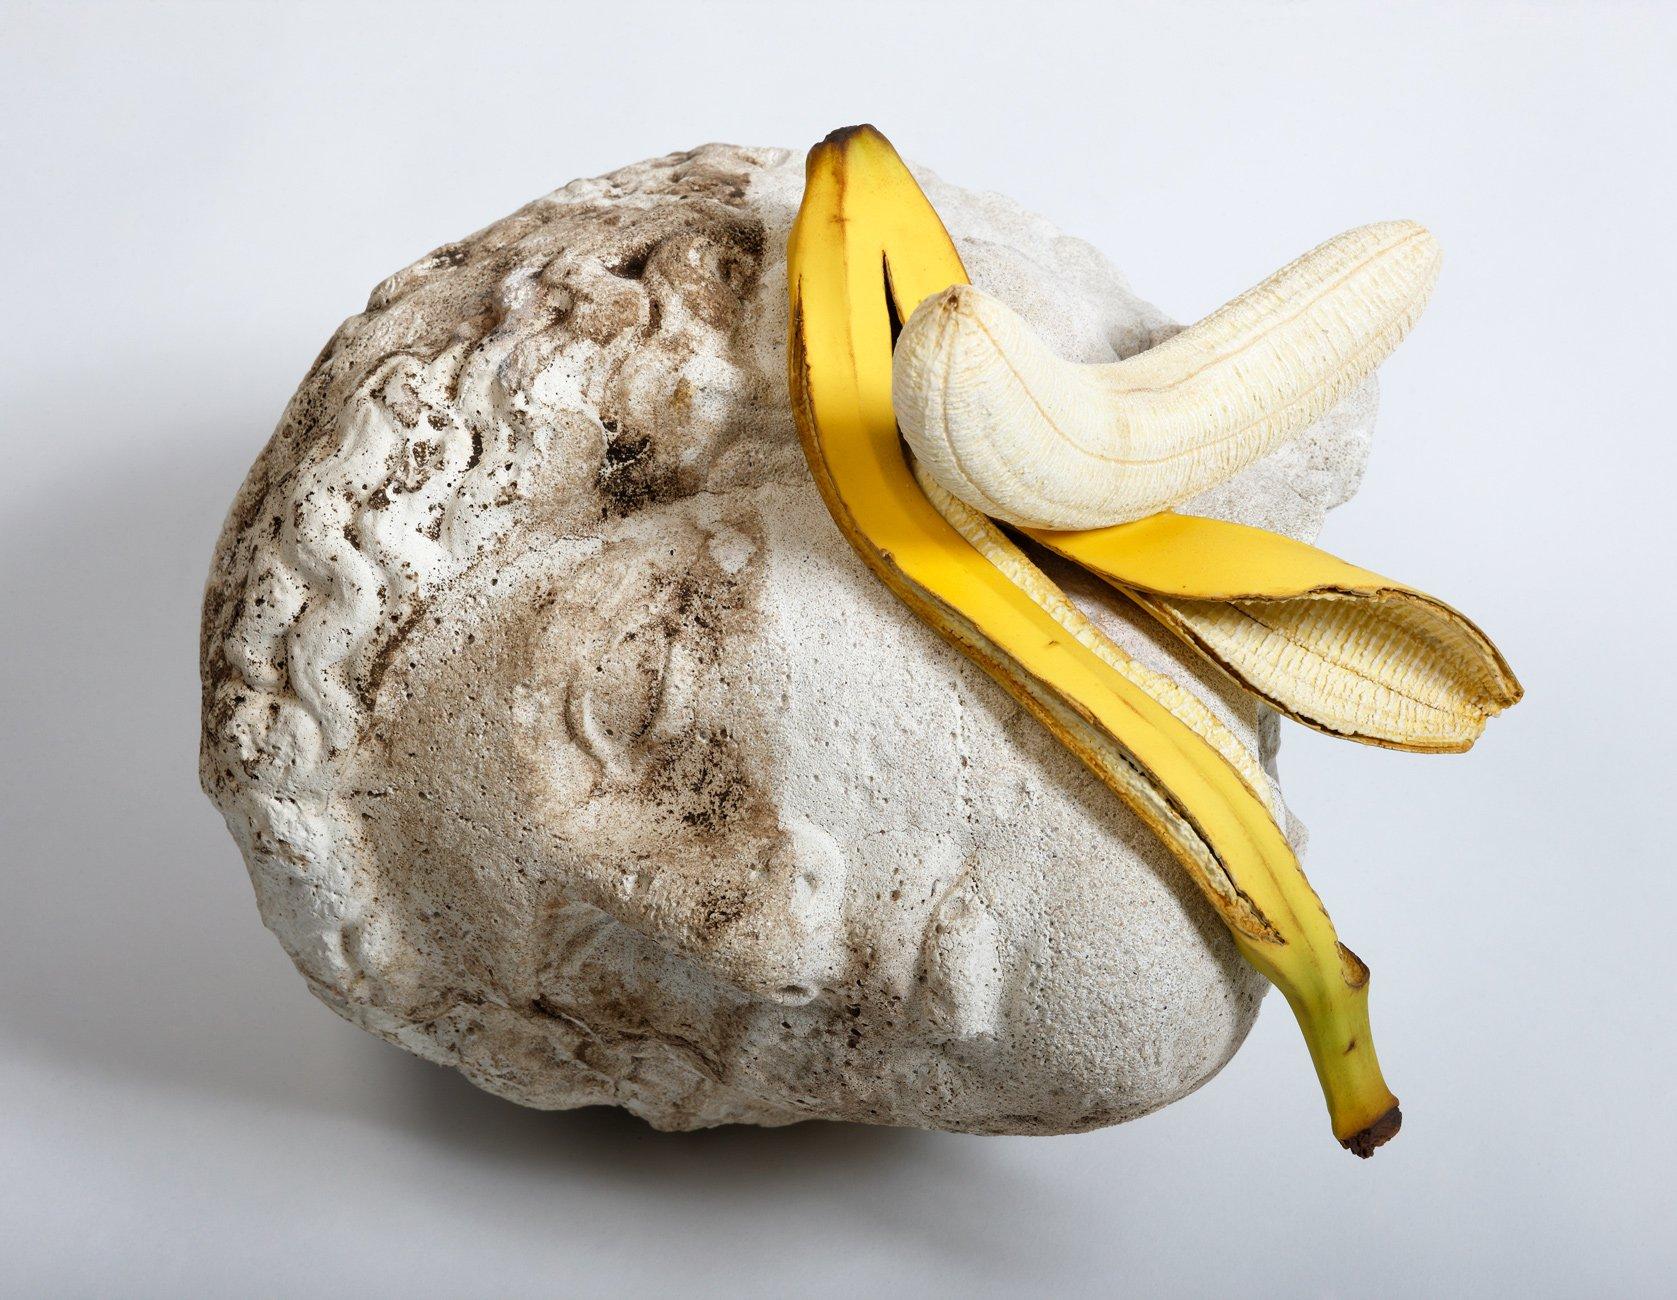 Head (Banana)